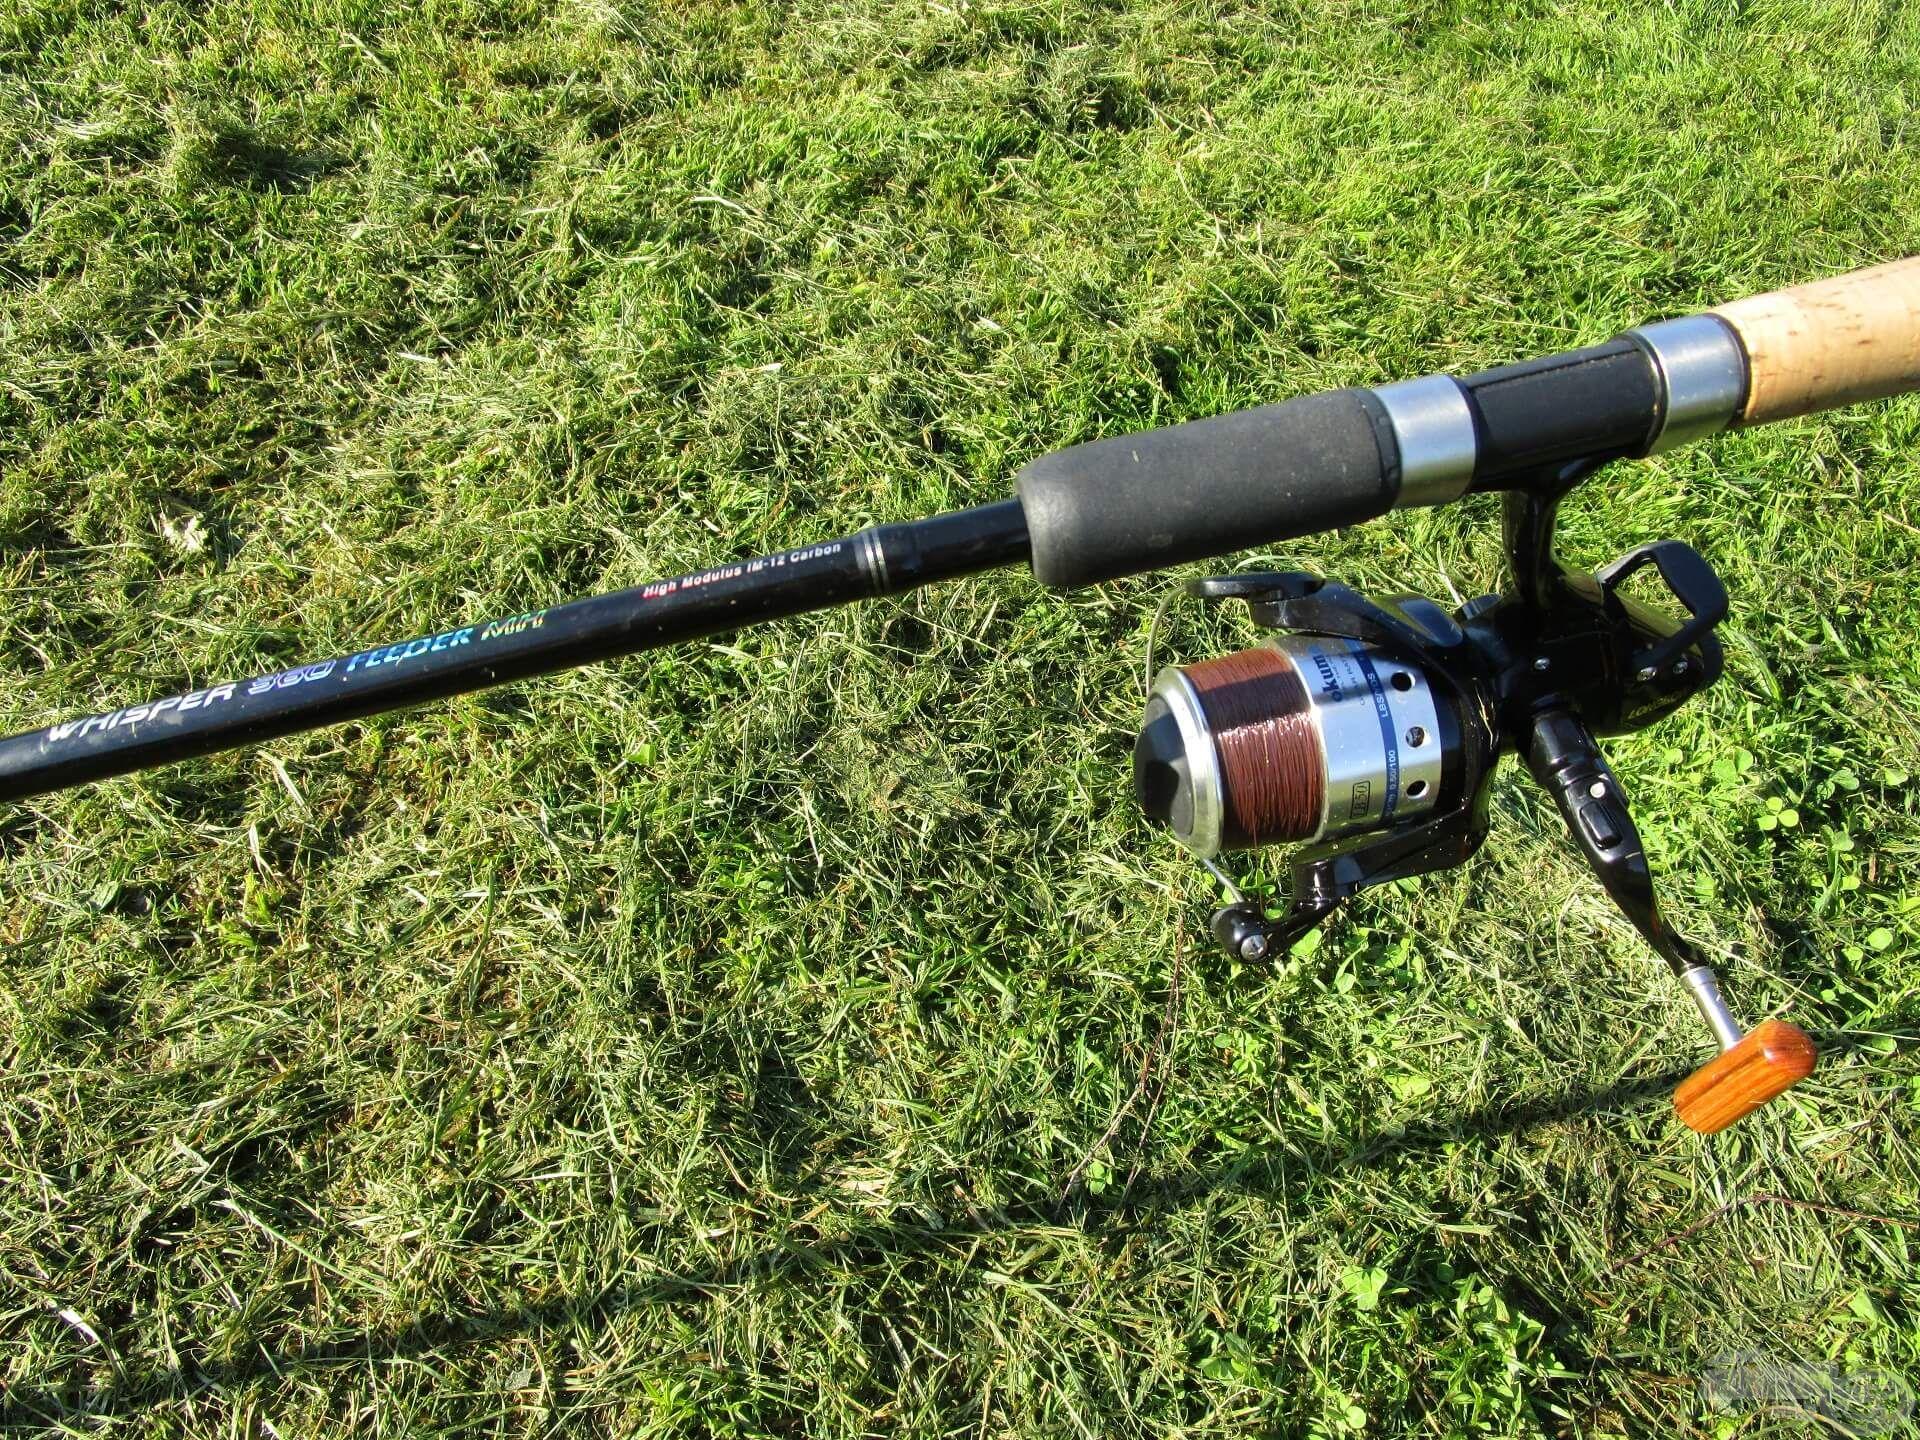 Két régi, de jól bevált feederbotot vittem magammal, mindkettőre nyeletőfékes orsót szereltem. Íme, egy Nevis Whisper Feeder 360 MH Okuma Longbow LB 50 orsóval…